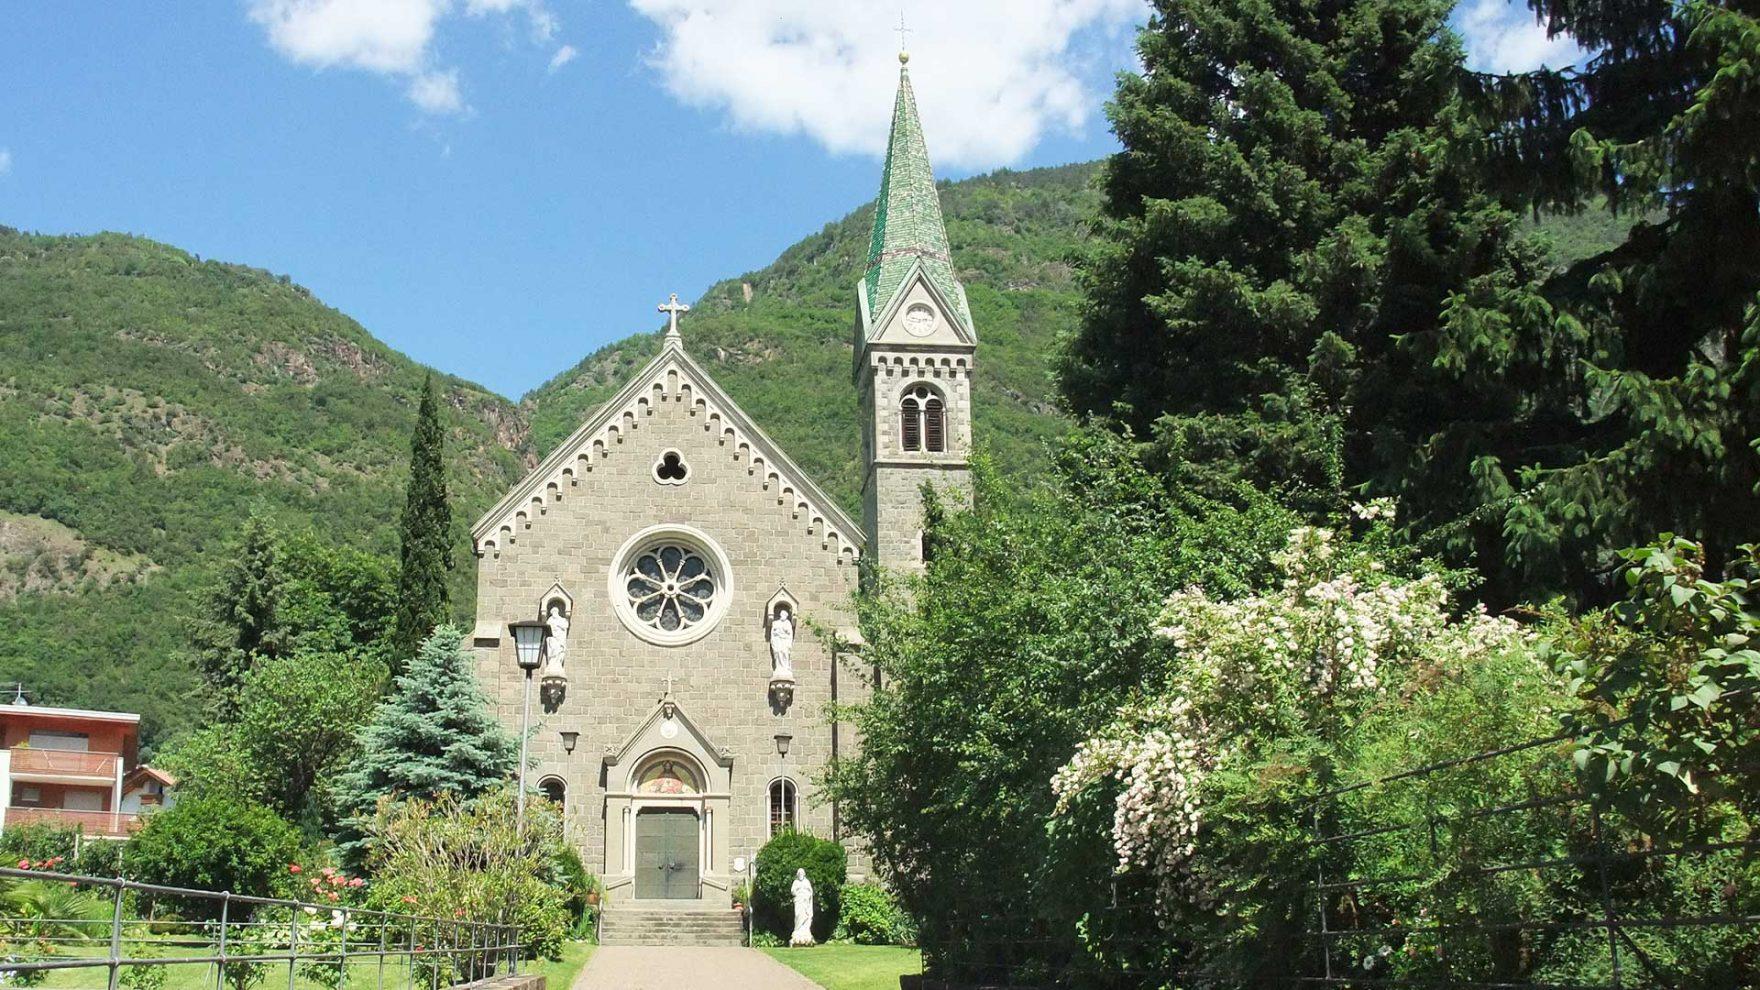 Chiesa del Sacro Cuore di Gesù - Gargazzone